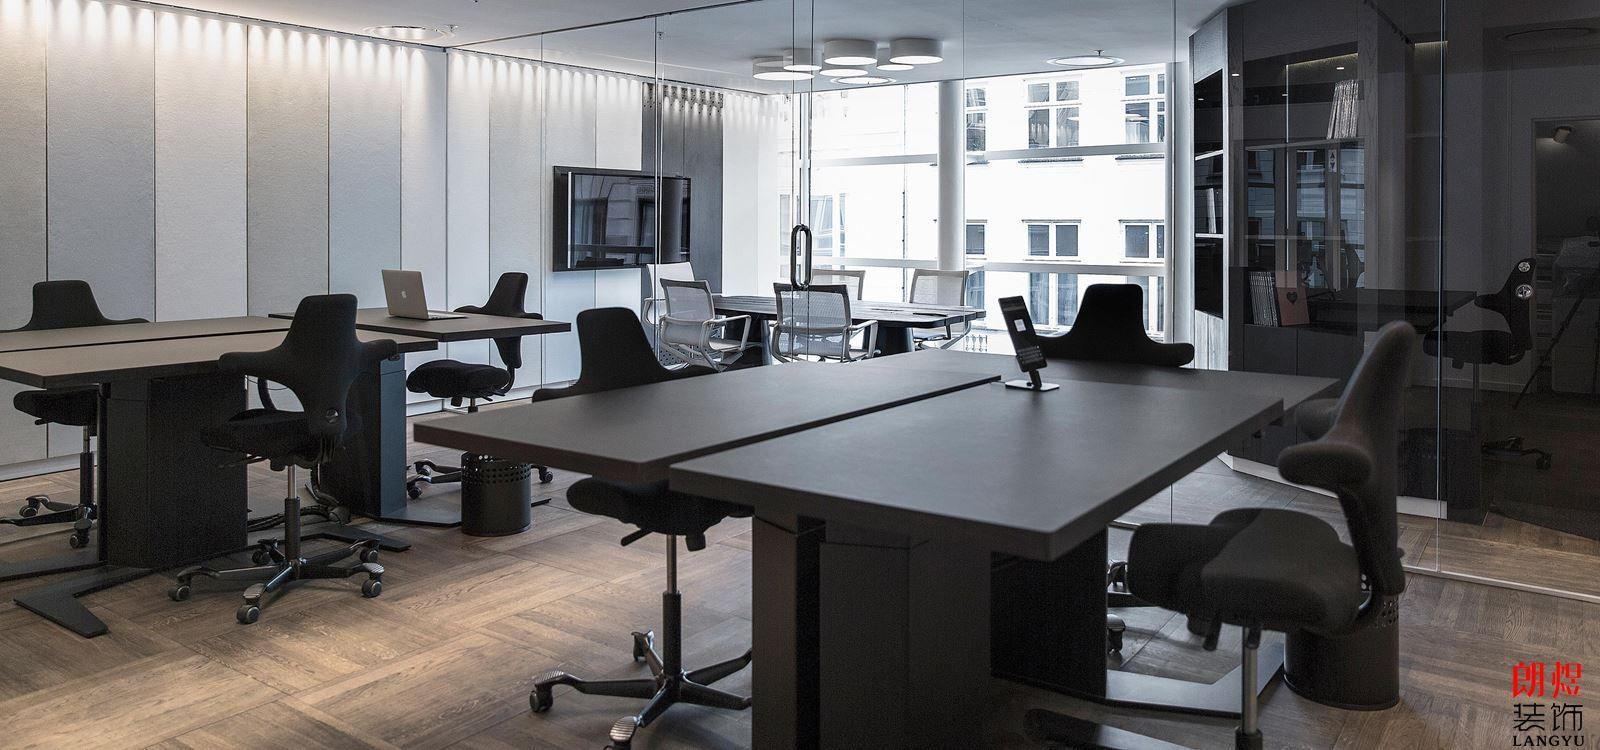 办公室装修选择地板还是地毯看看优缺点再抉择